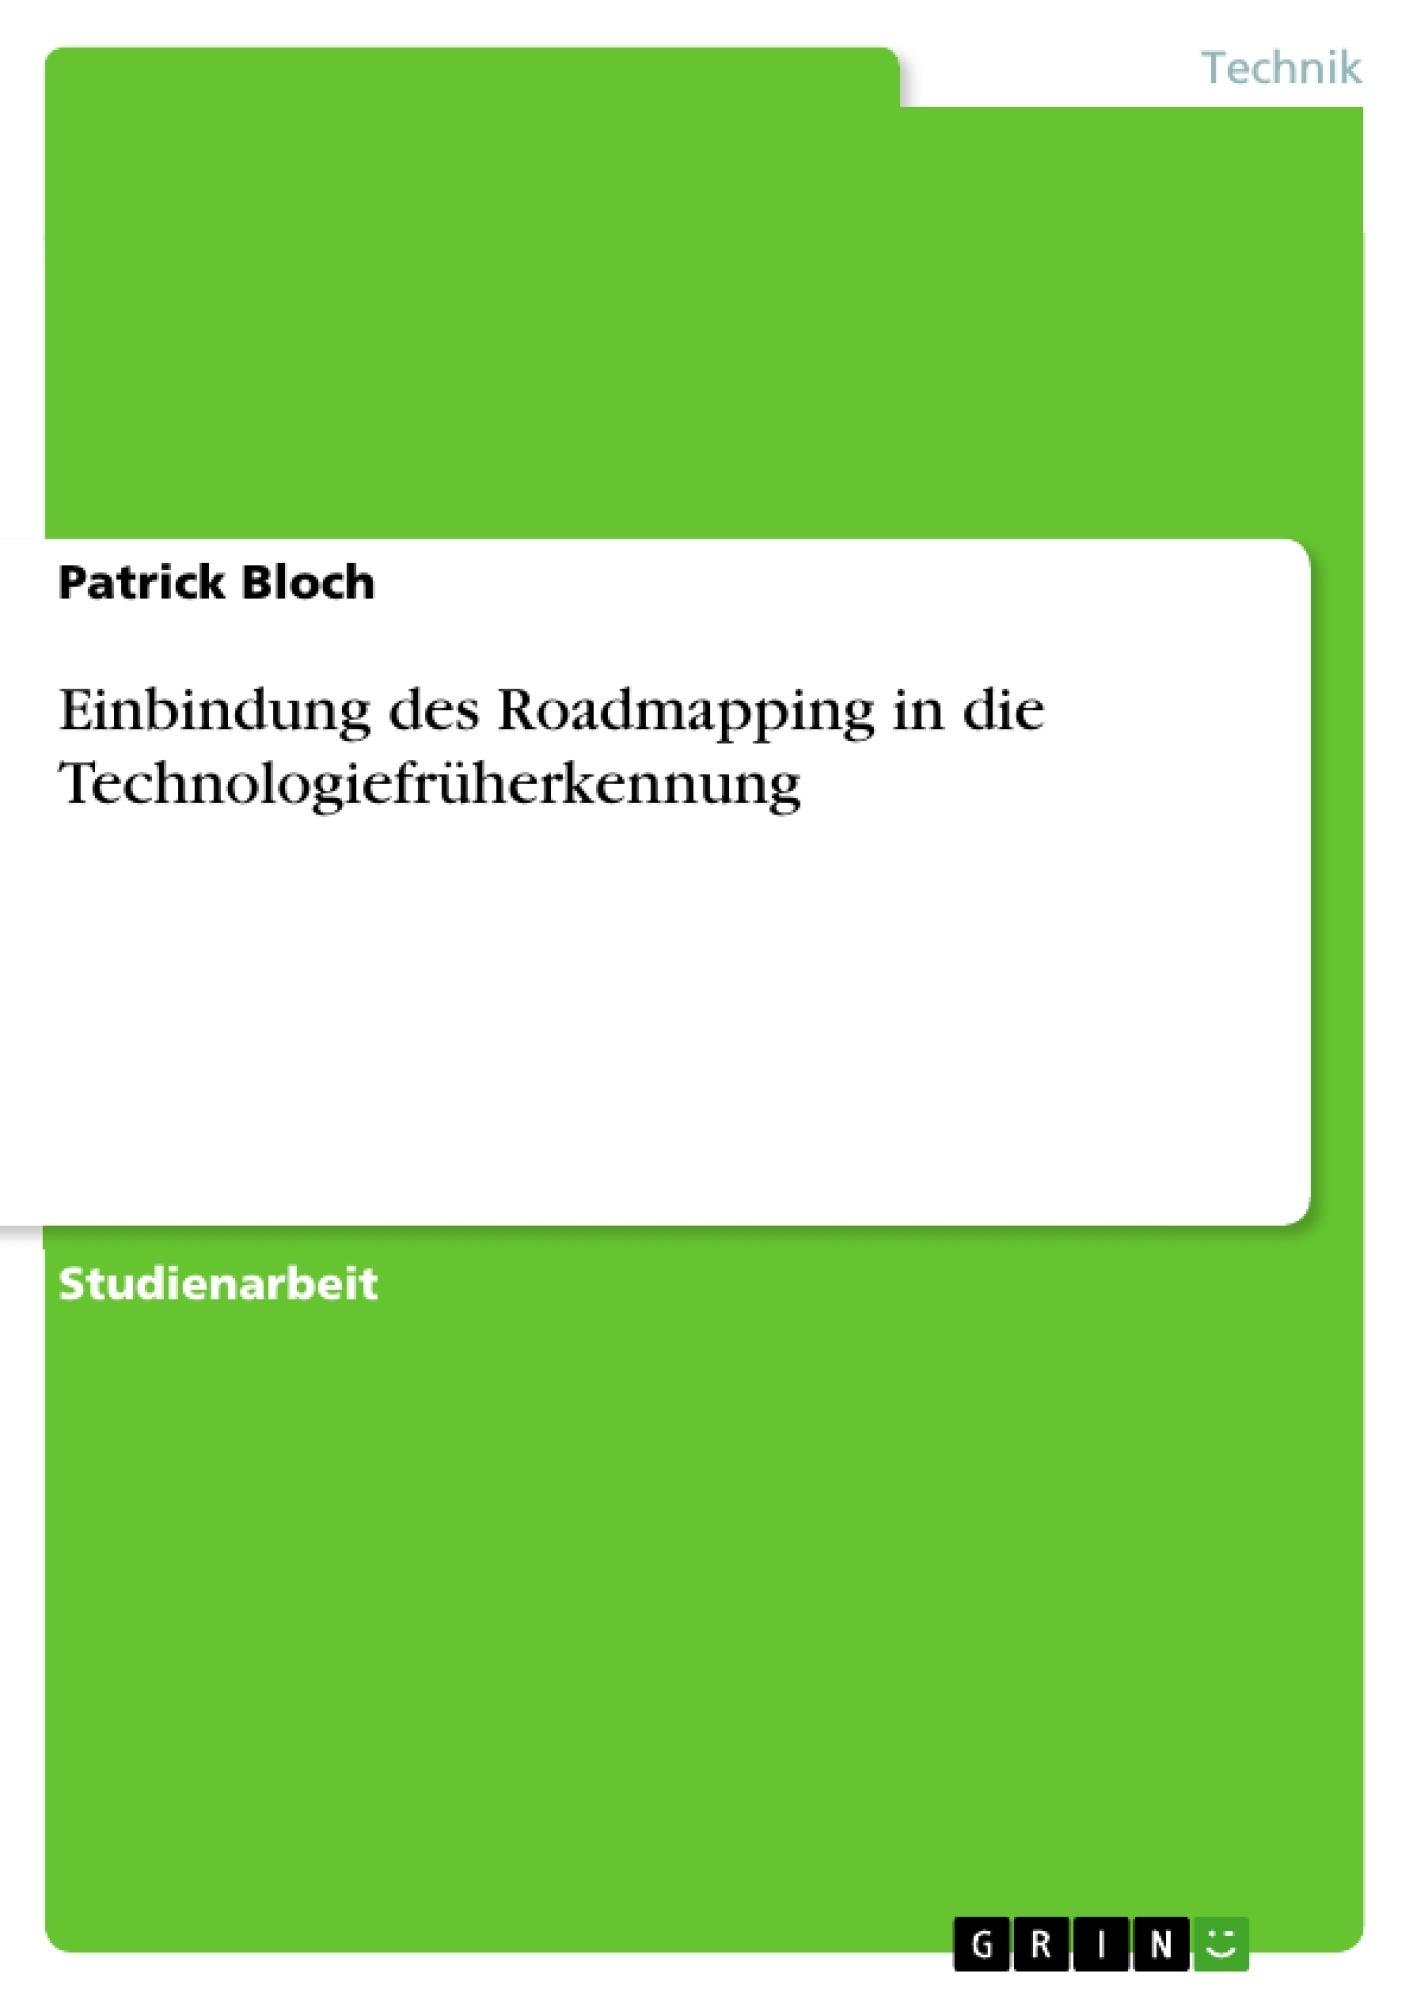 Titel: Einbindung des Roadmapping in die Technologiefrüherkennung